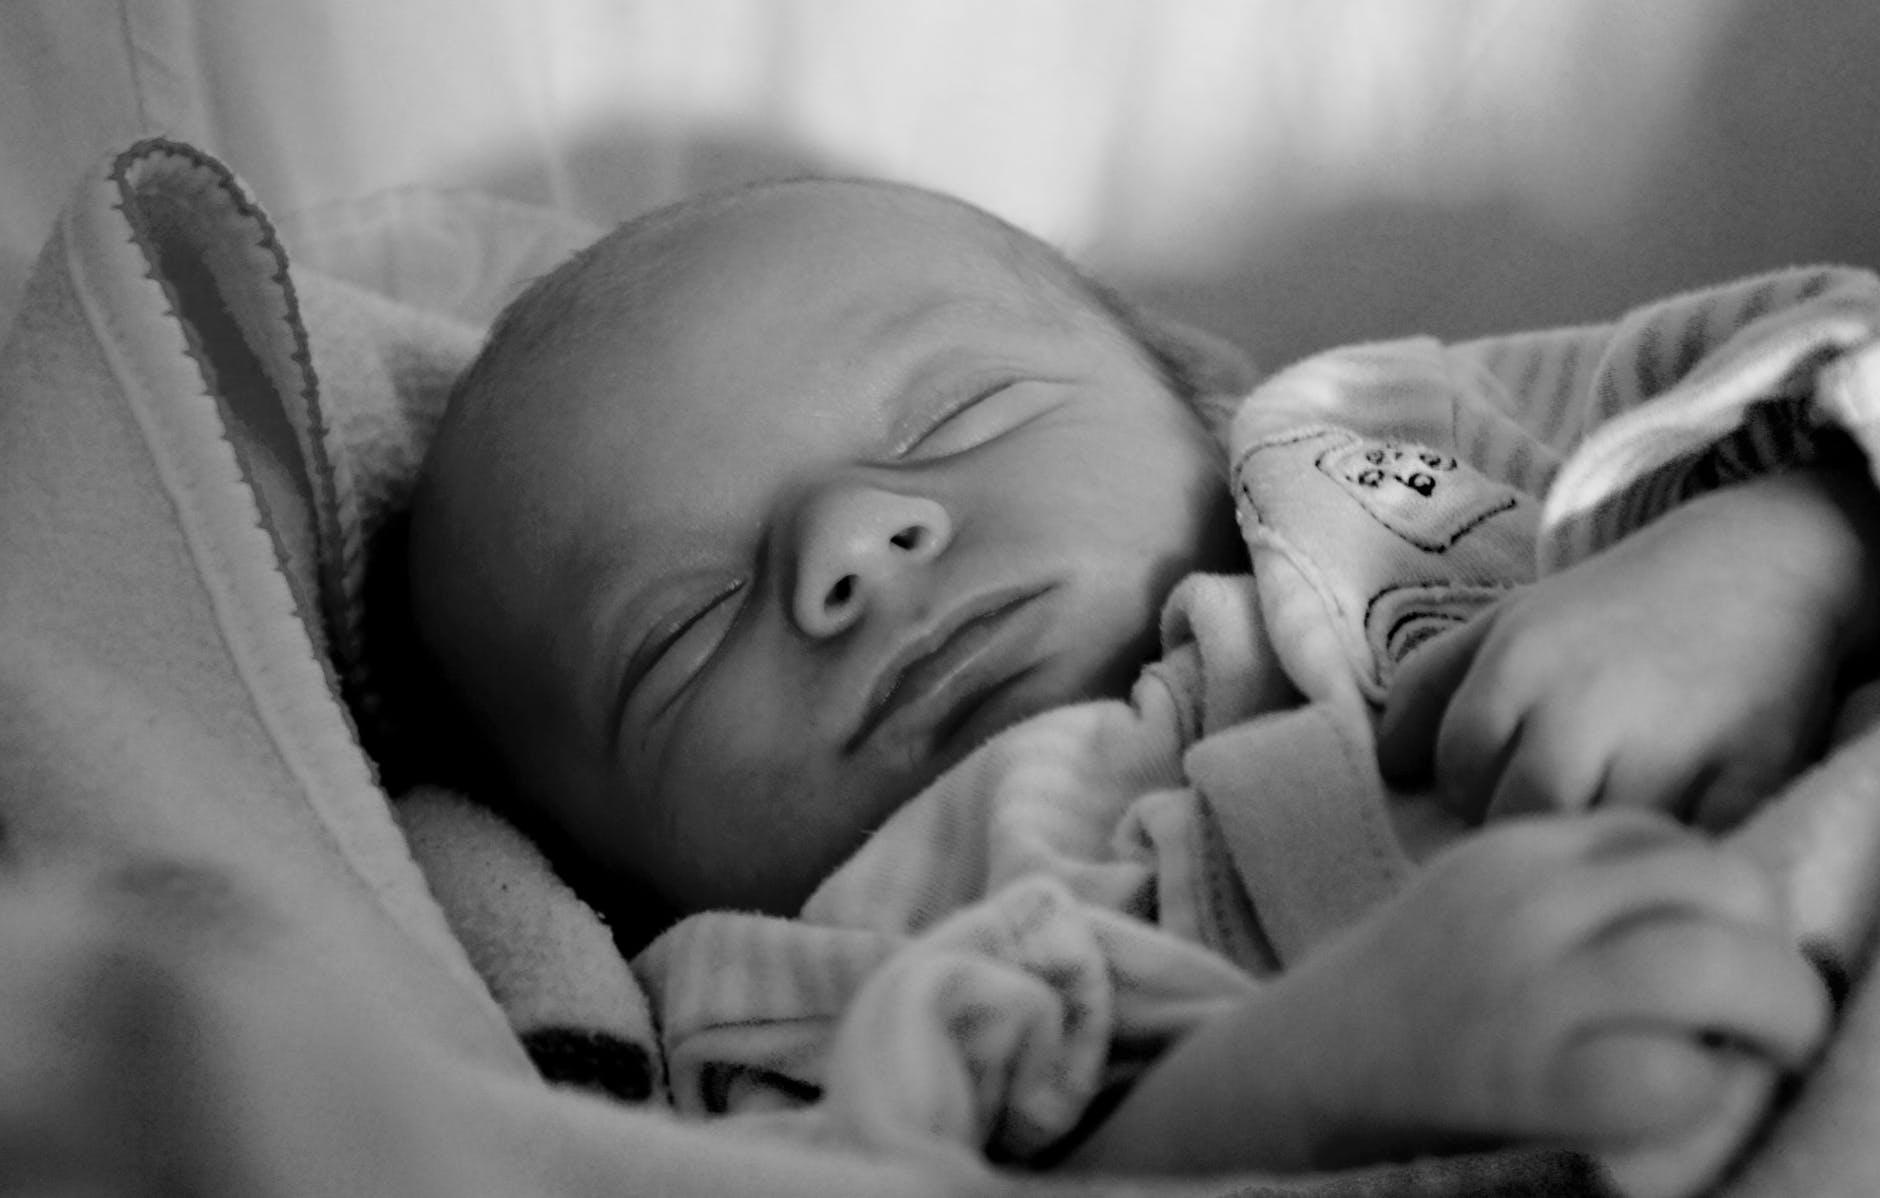 baby newborn born sleeping